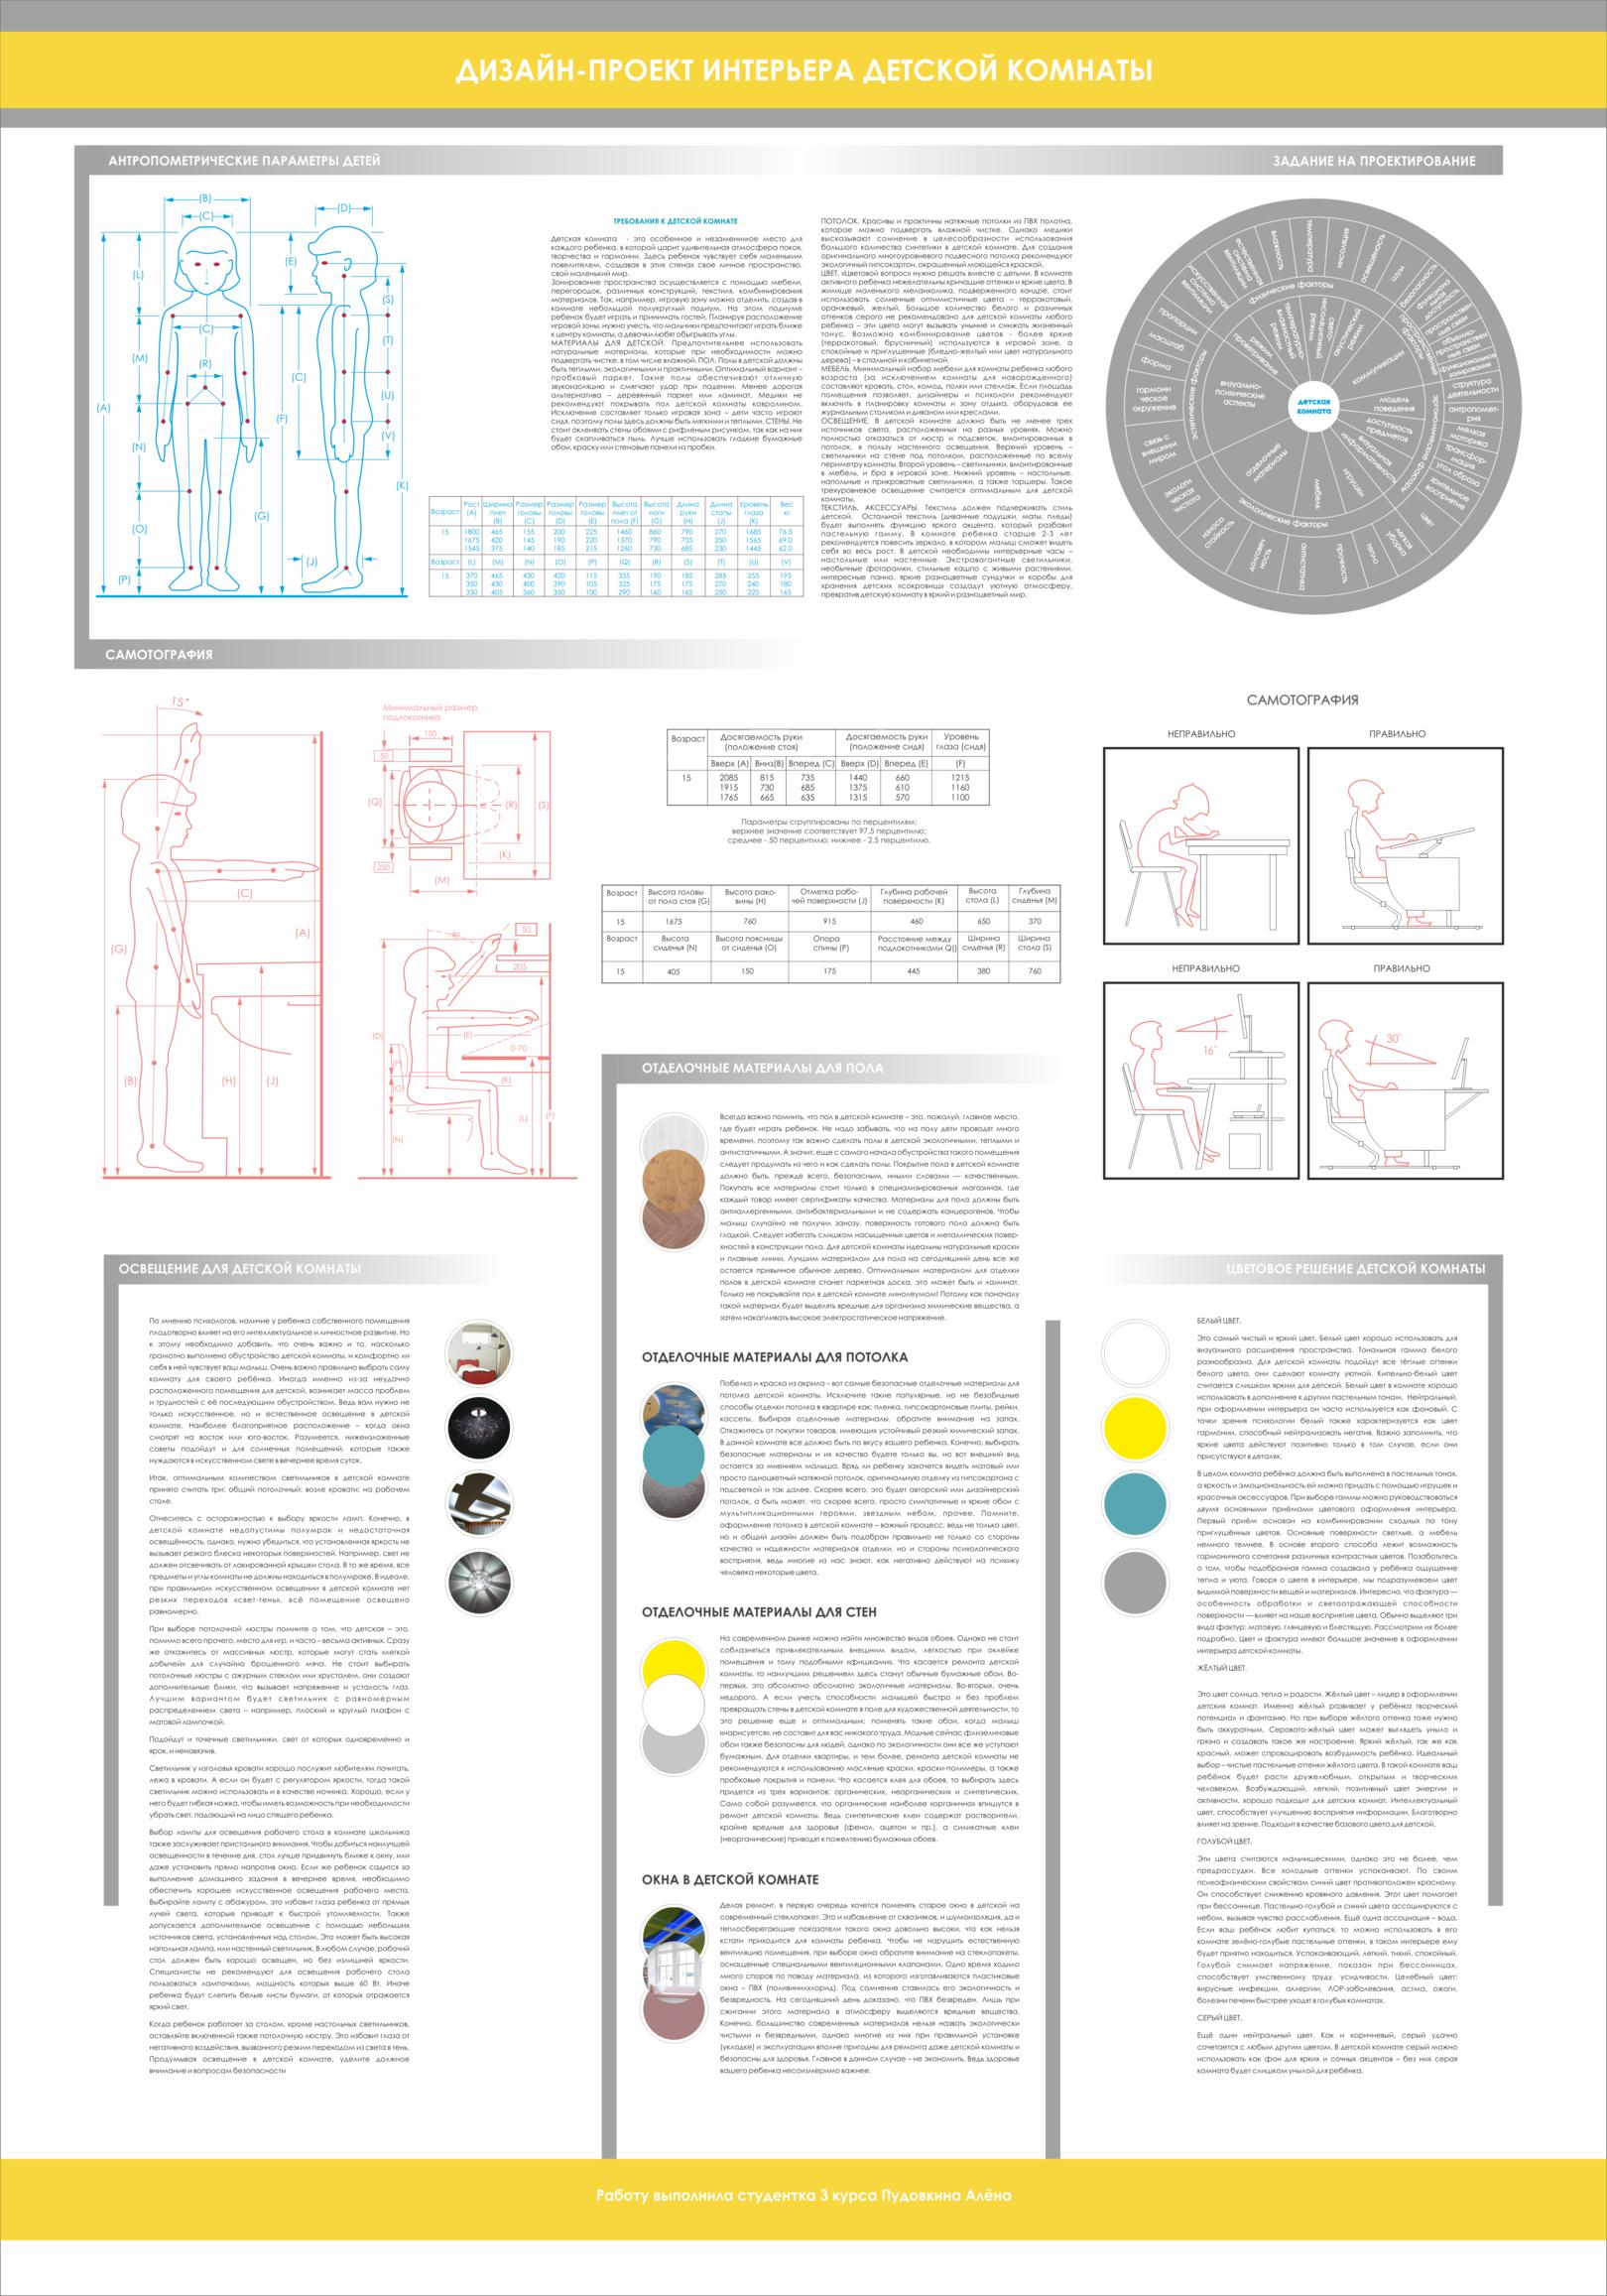 Дизайн-проект интерьера детской комнаты